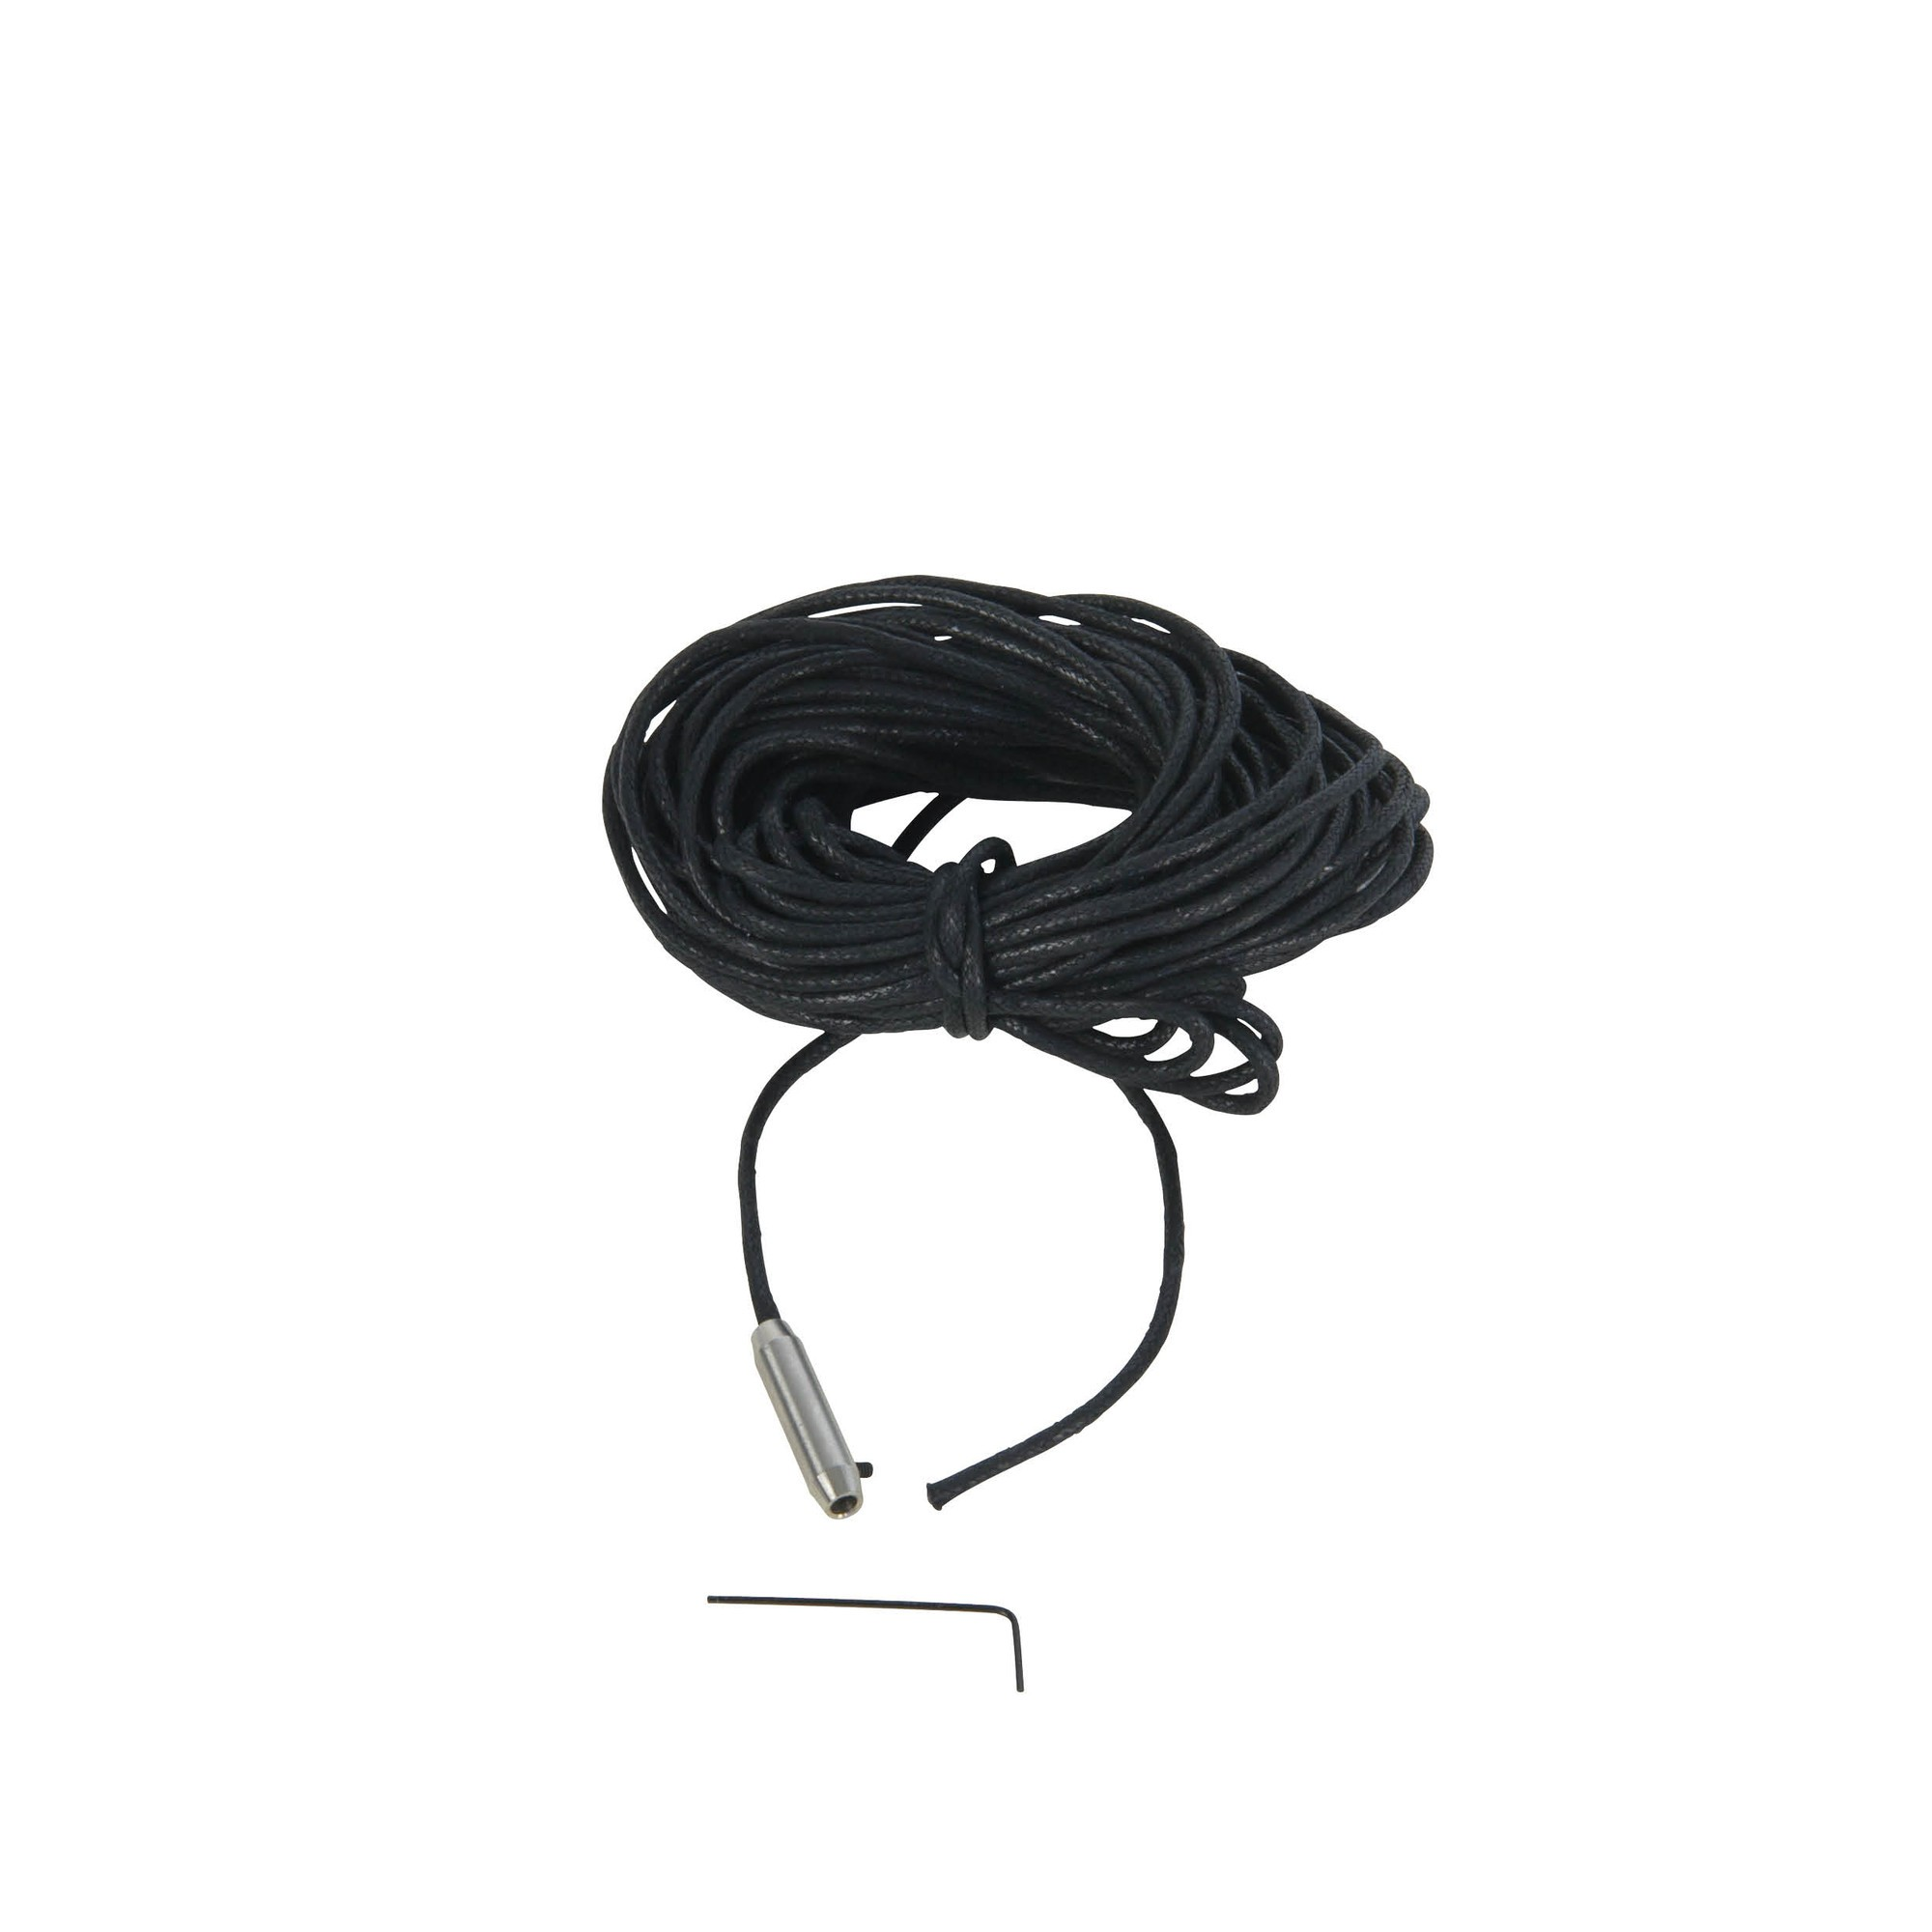 10 meter kabel met 1 verbindingshuls